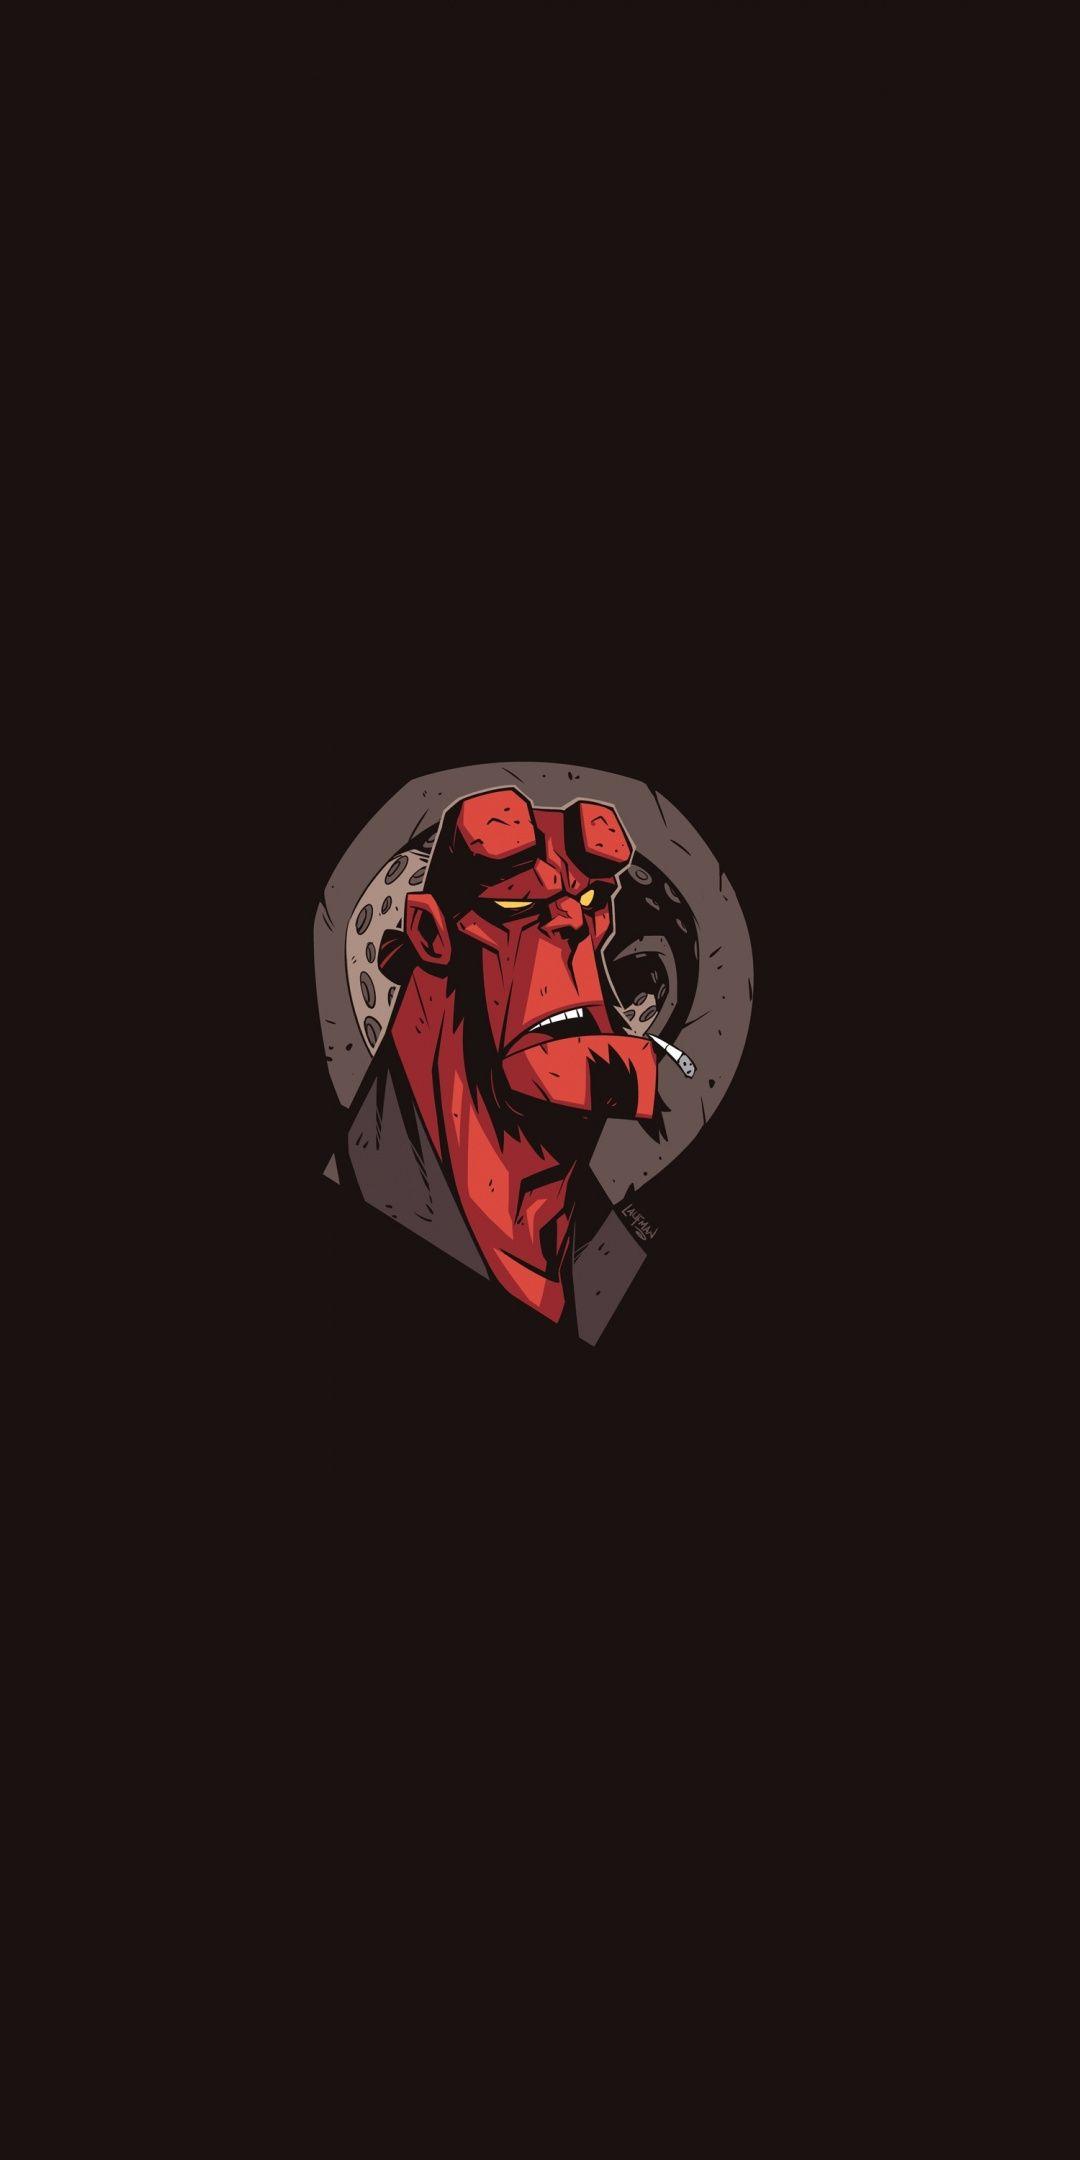 Hellboy Lazy Minimal 1080x2160 Wallpaper Geeky Wallpaper Hellboy Wallpaper Superhero Wallpaper